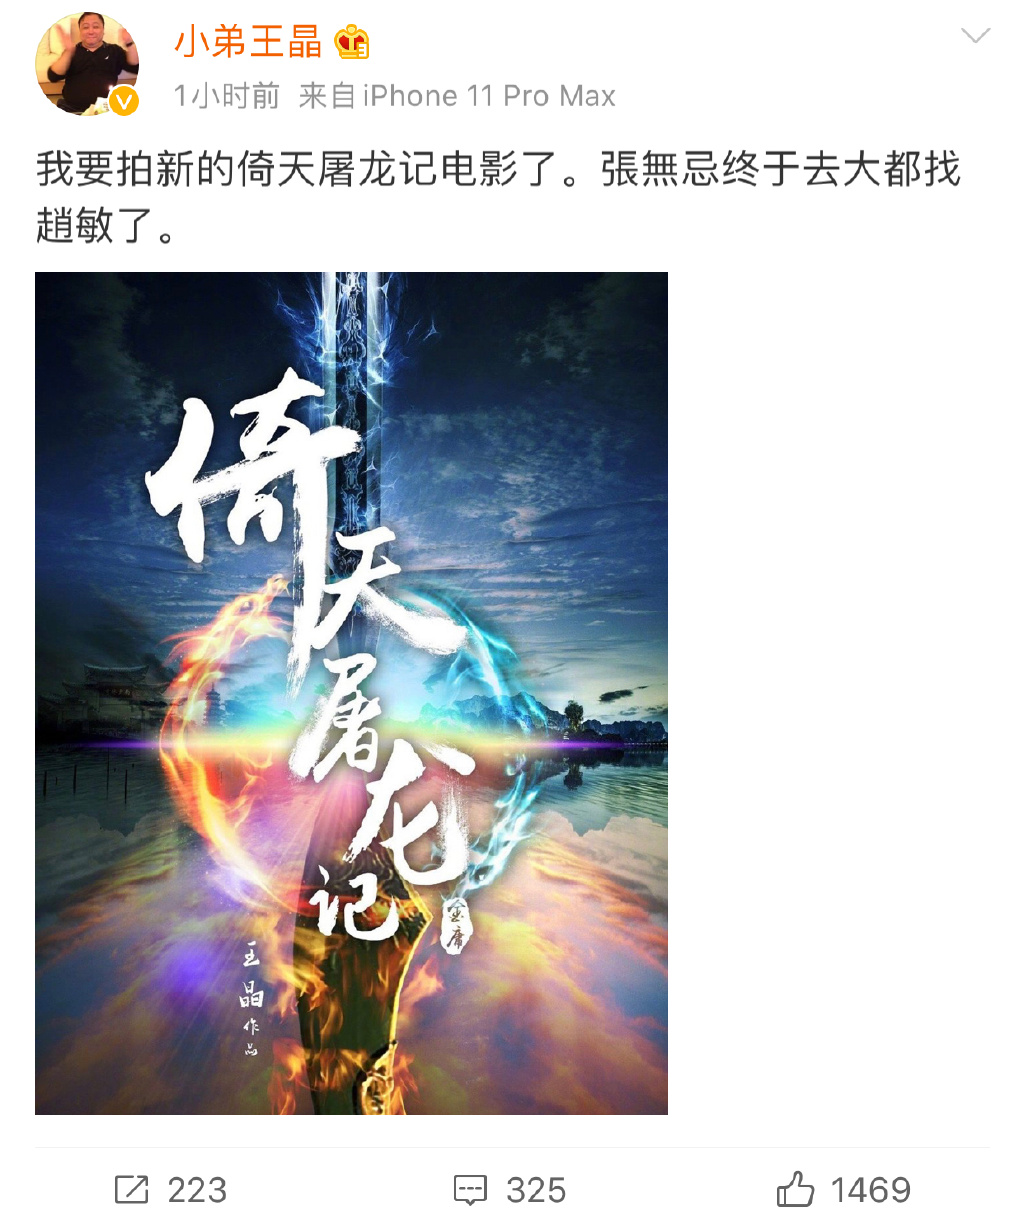 王晶说《倚天屠龙记之魔教教主》第二部要开拍了